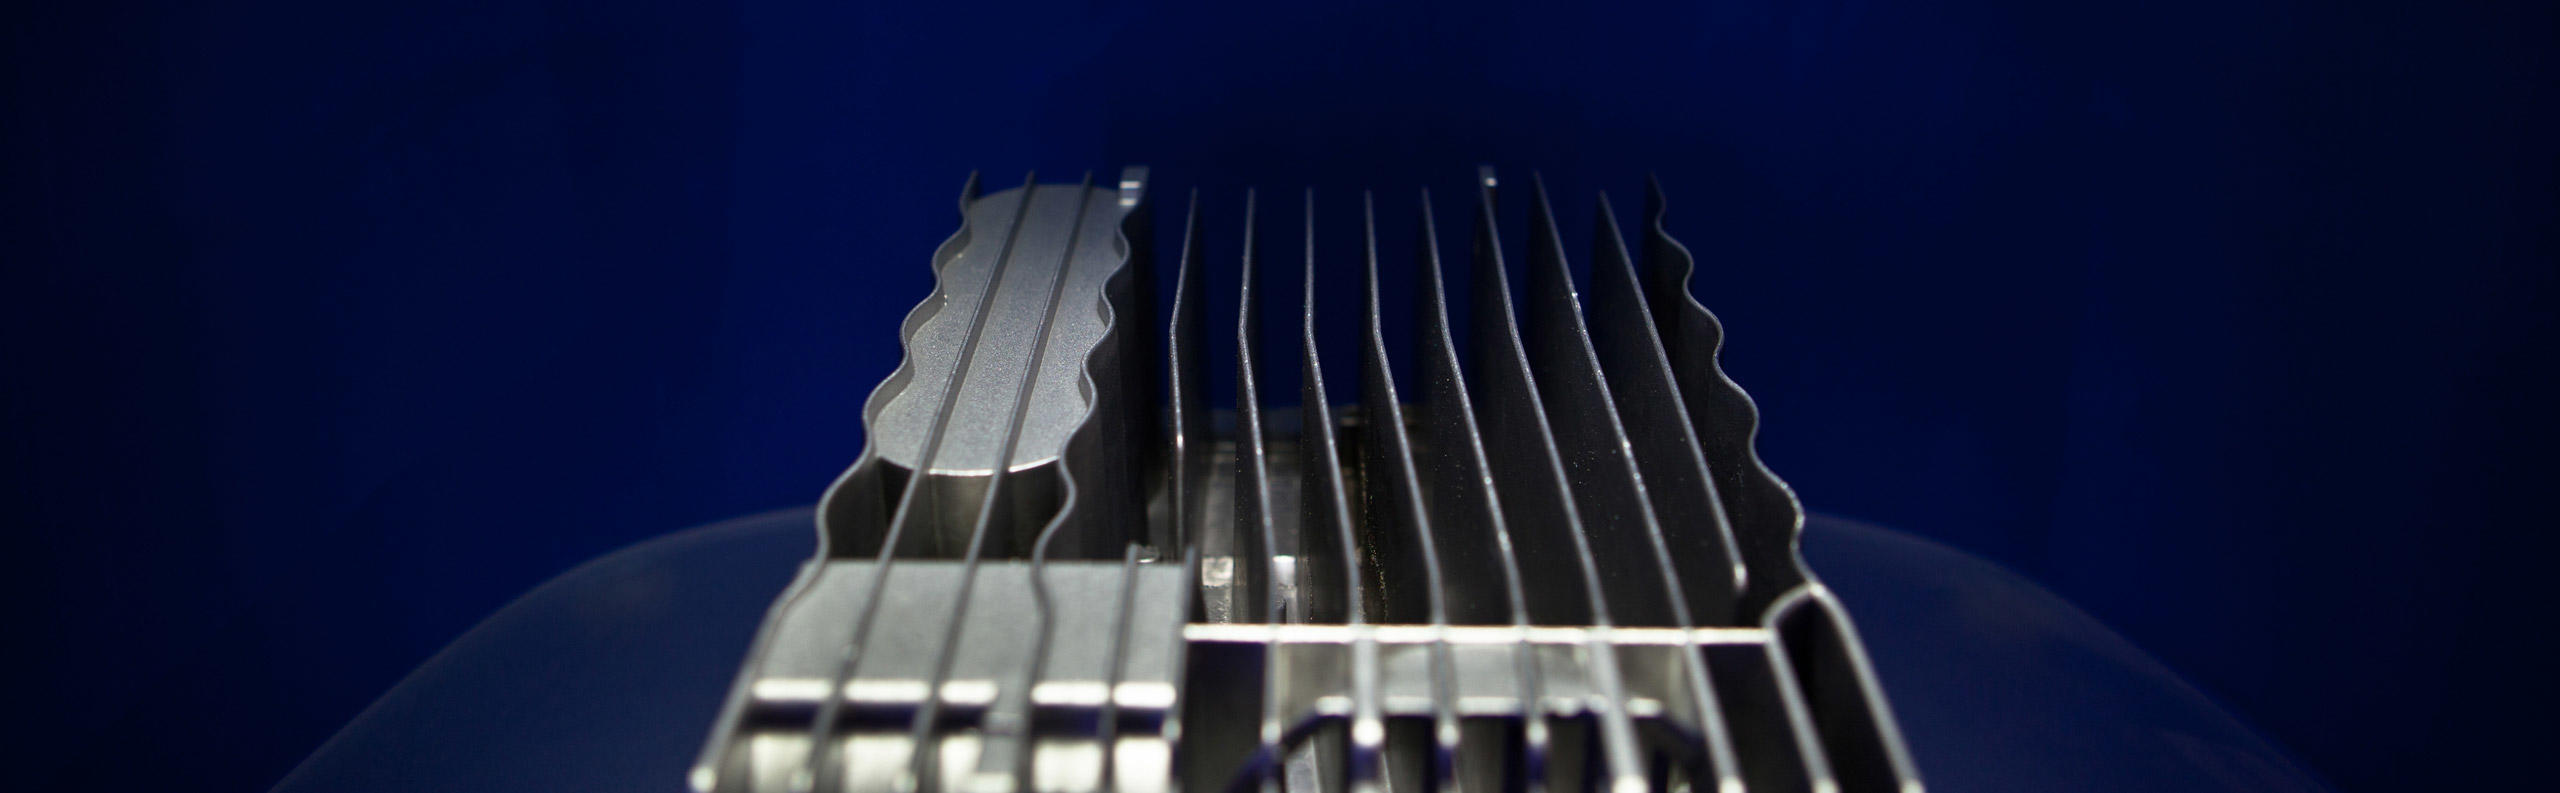 pressofusione alluminio - aluminium die-casting - aluminium druckguss